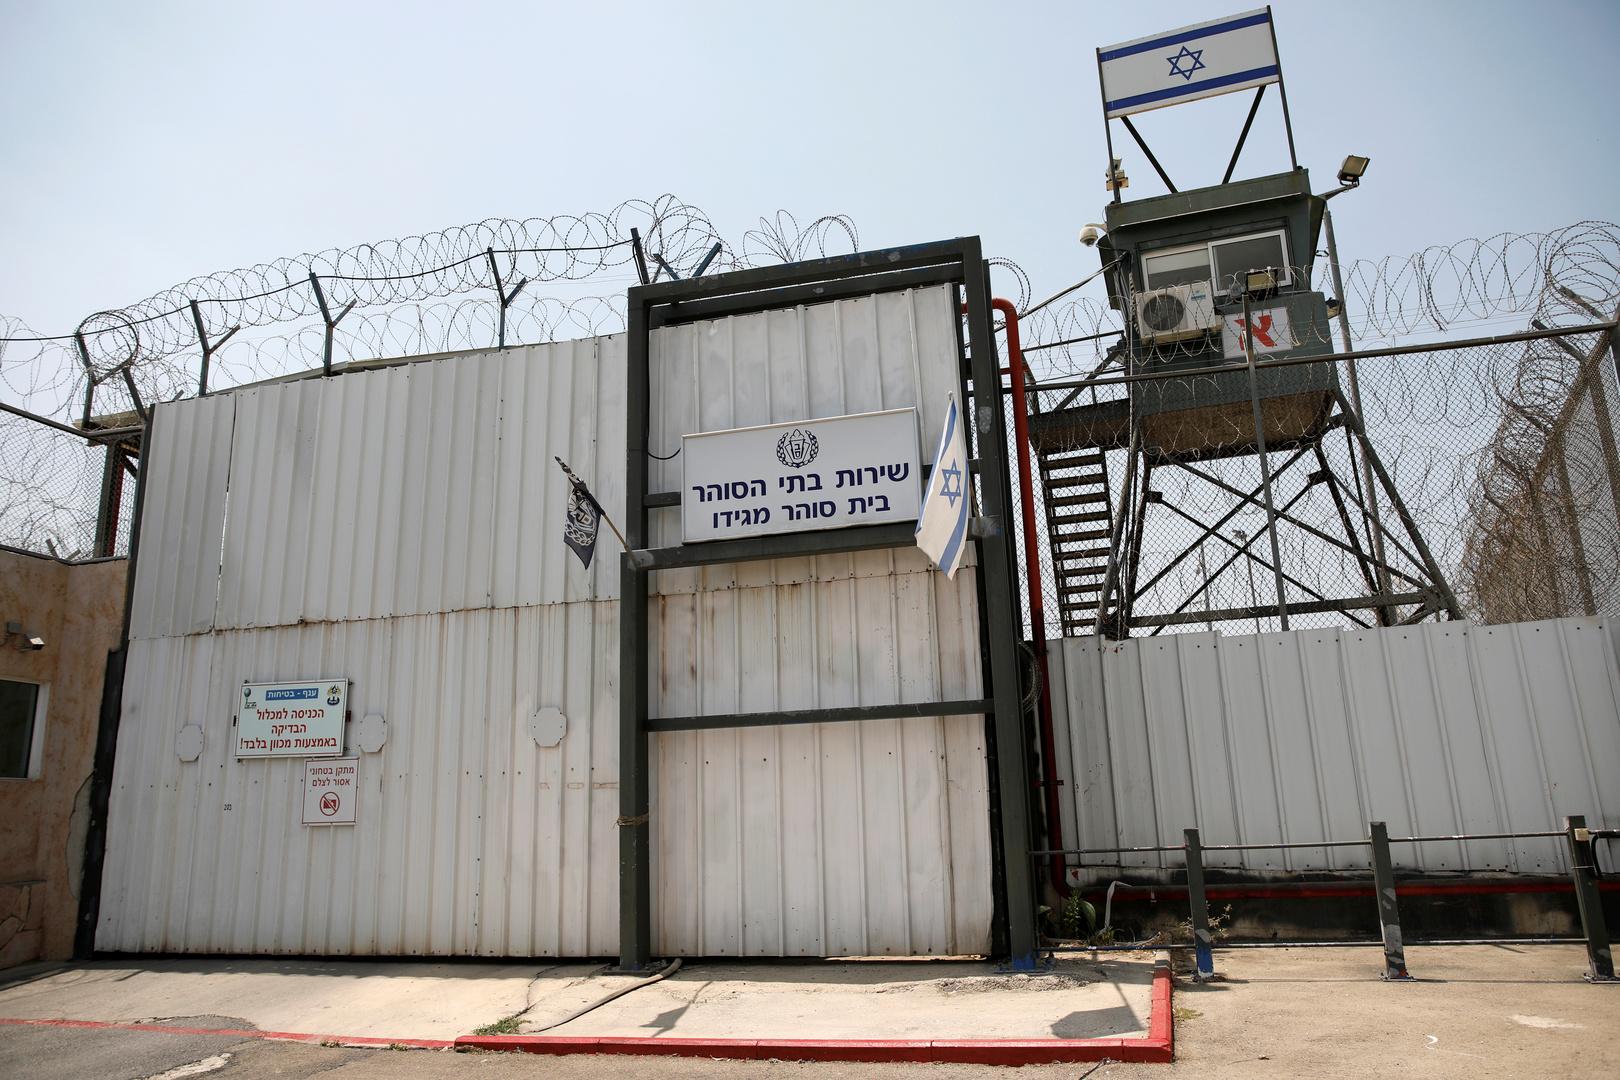 مسؤول أمني إسرائيلي كبير يرجح وصول عدد من الأسرى الفارين إلى الأردن